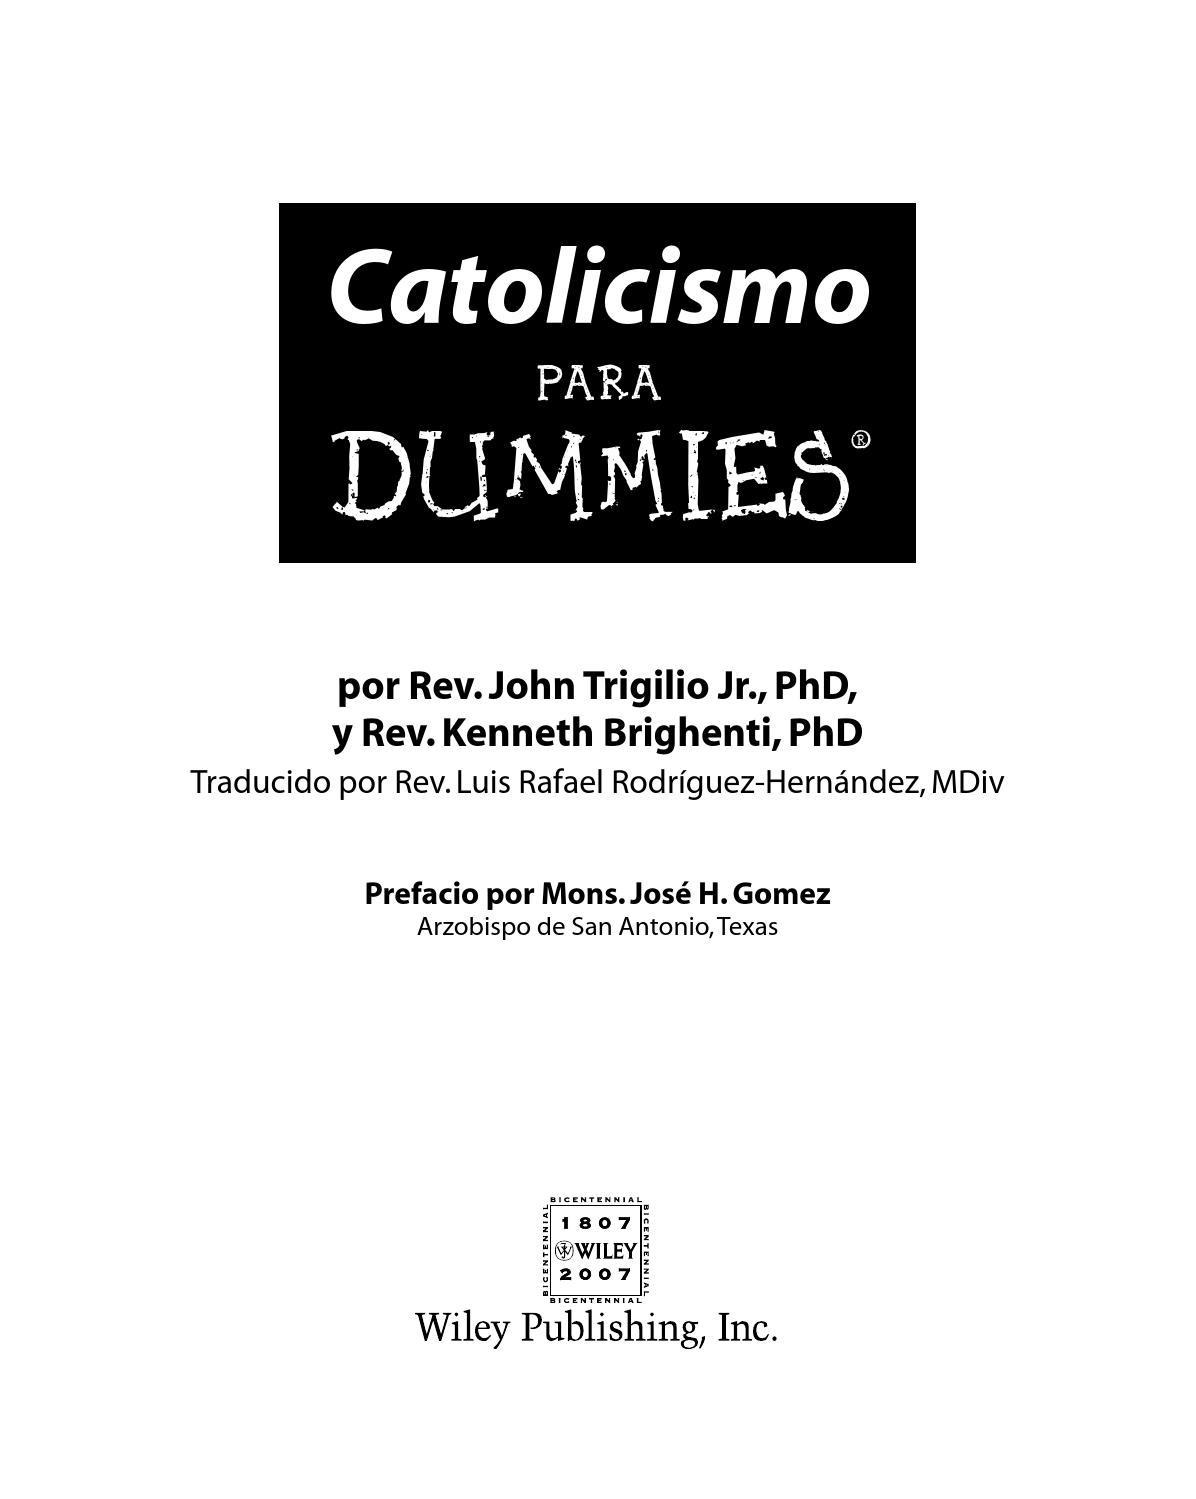 Catolicismo para dummies by henry hdz - issuu